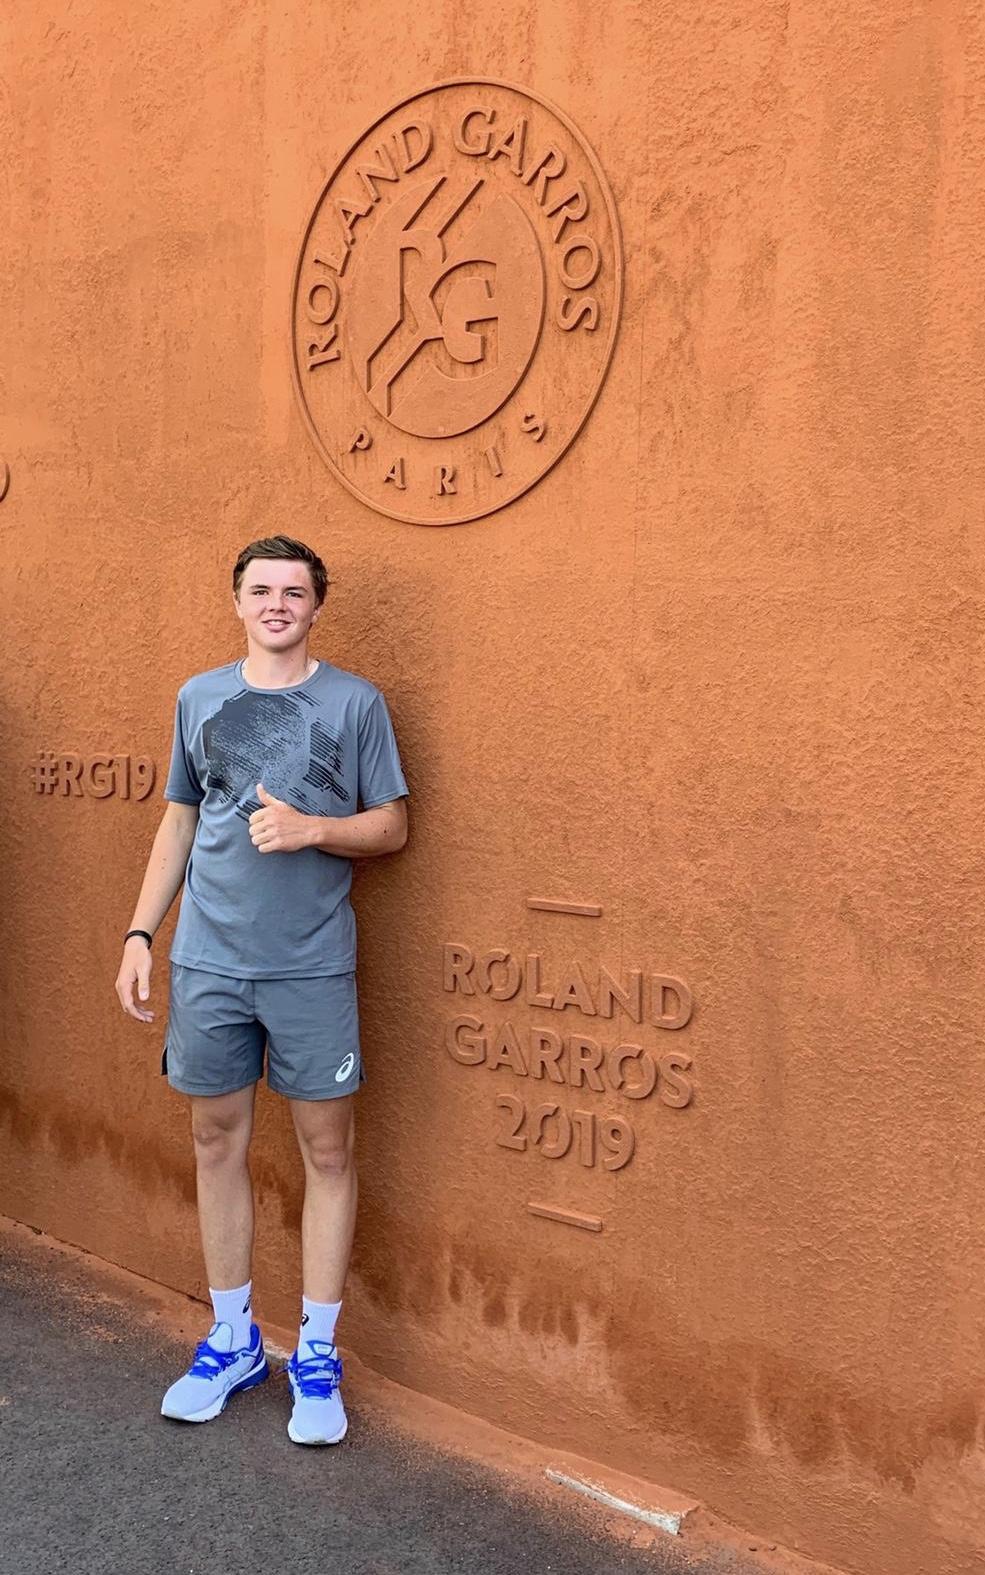 Ich war / bin ein Teil von Roland Garros 2019.